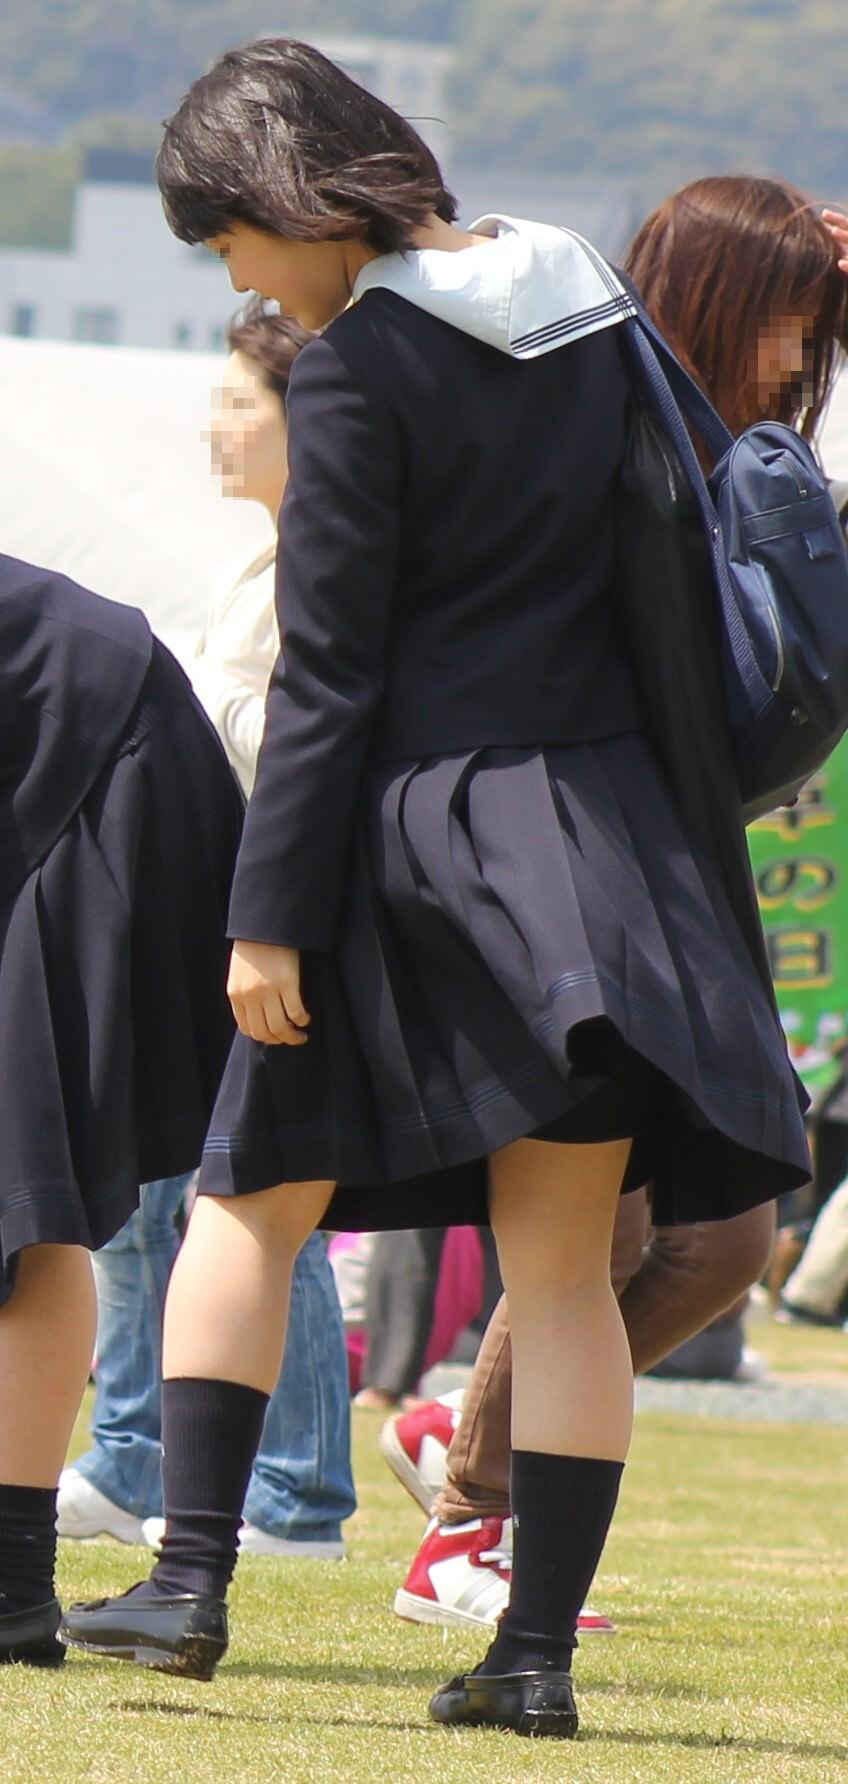 女子校生がパンチラでハーパン履いてたエロ画像 2722